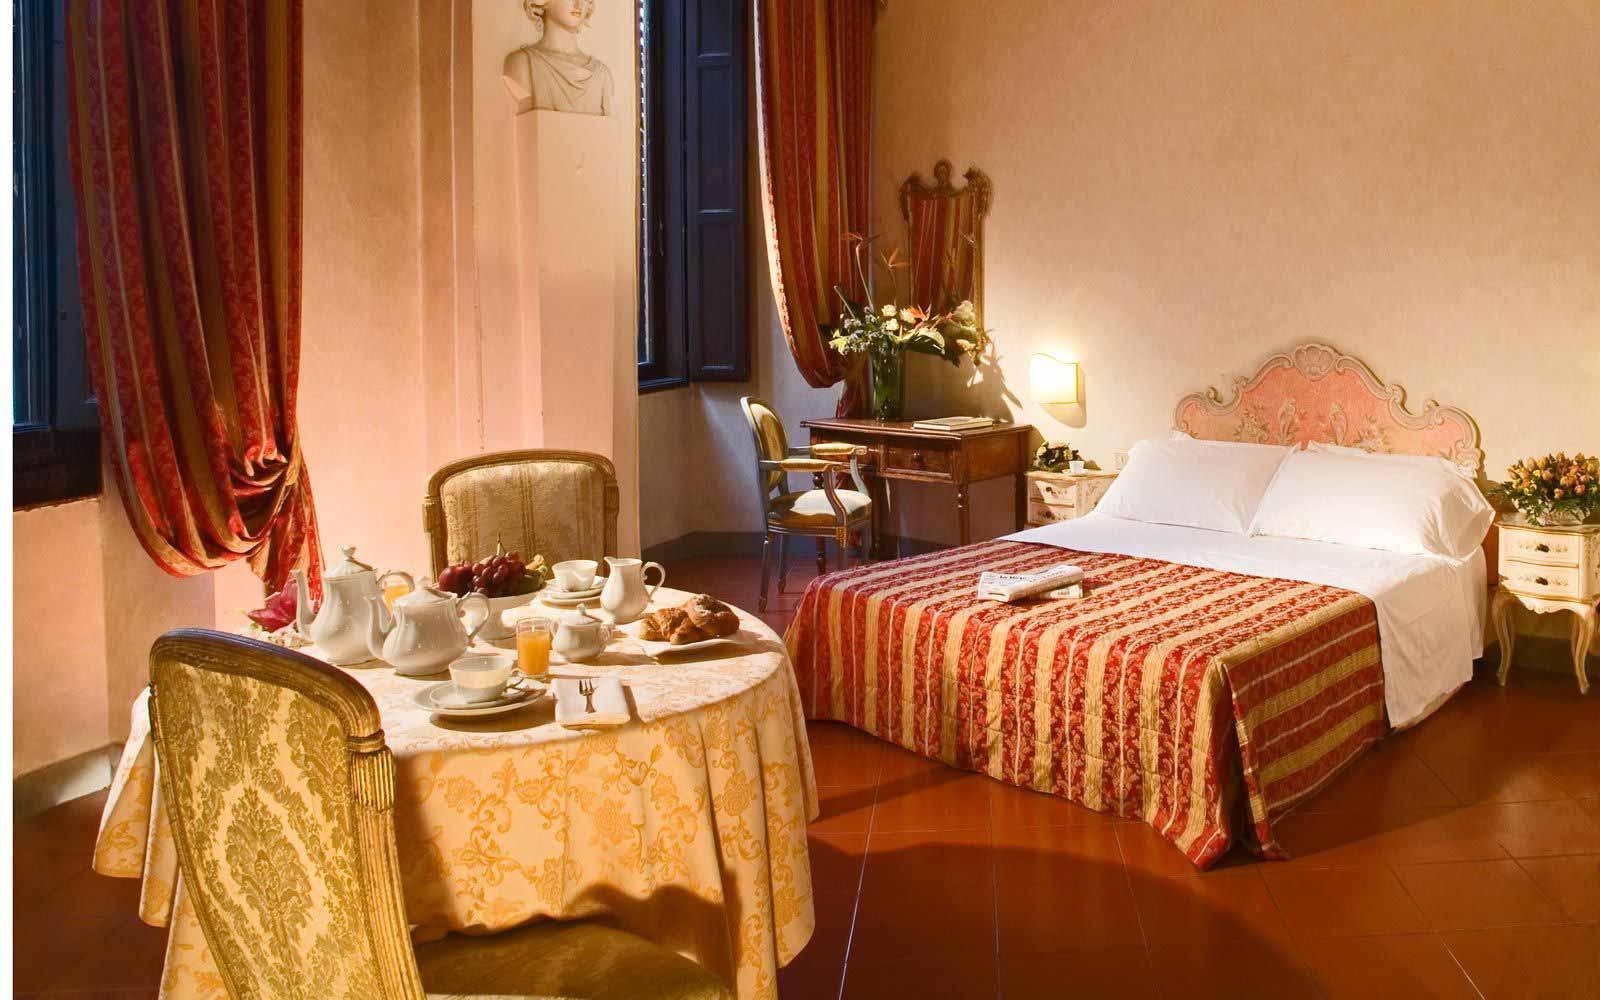 Superior double room at Hotel Paris